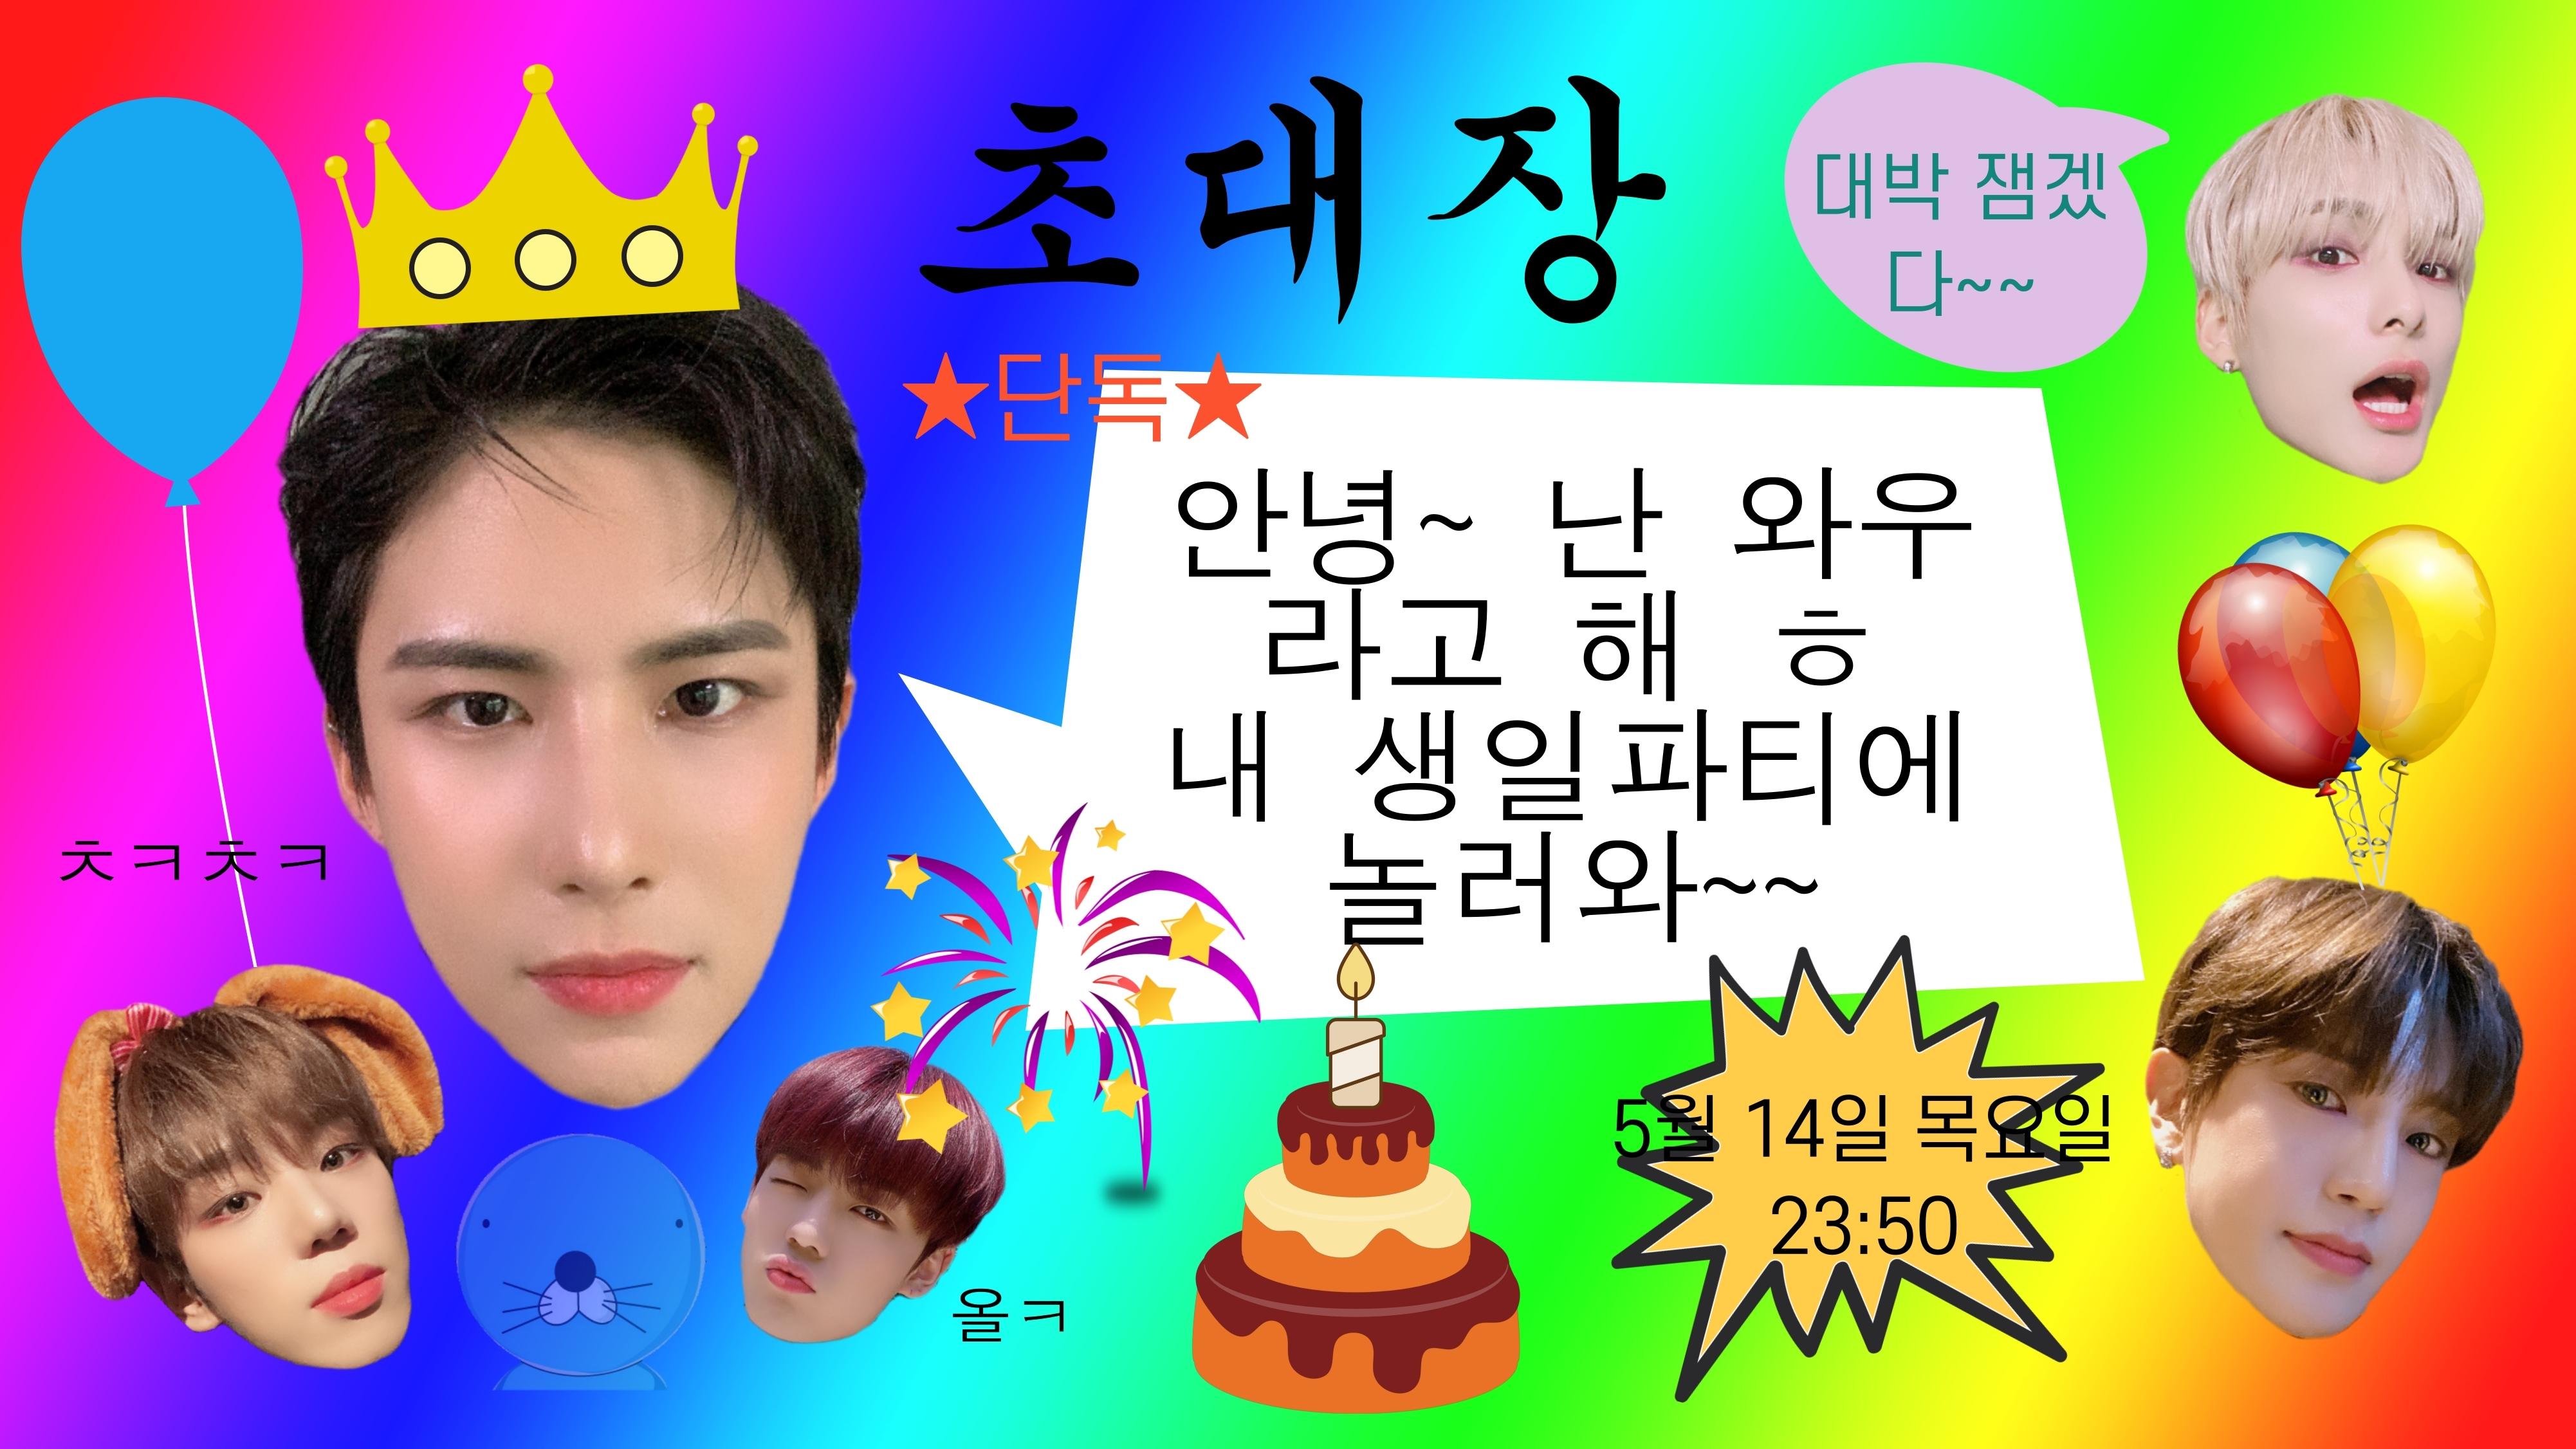 김와우 생일파티!! 초이스만ㅋ